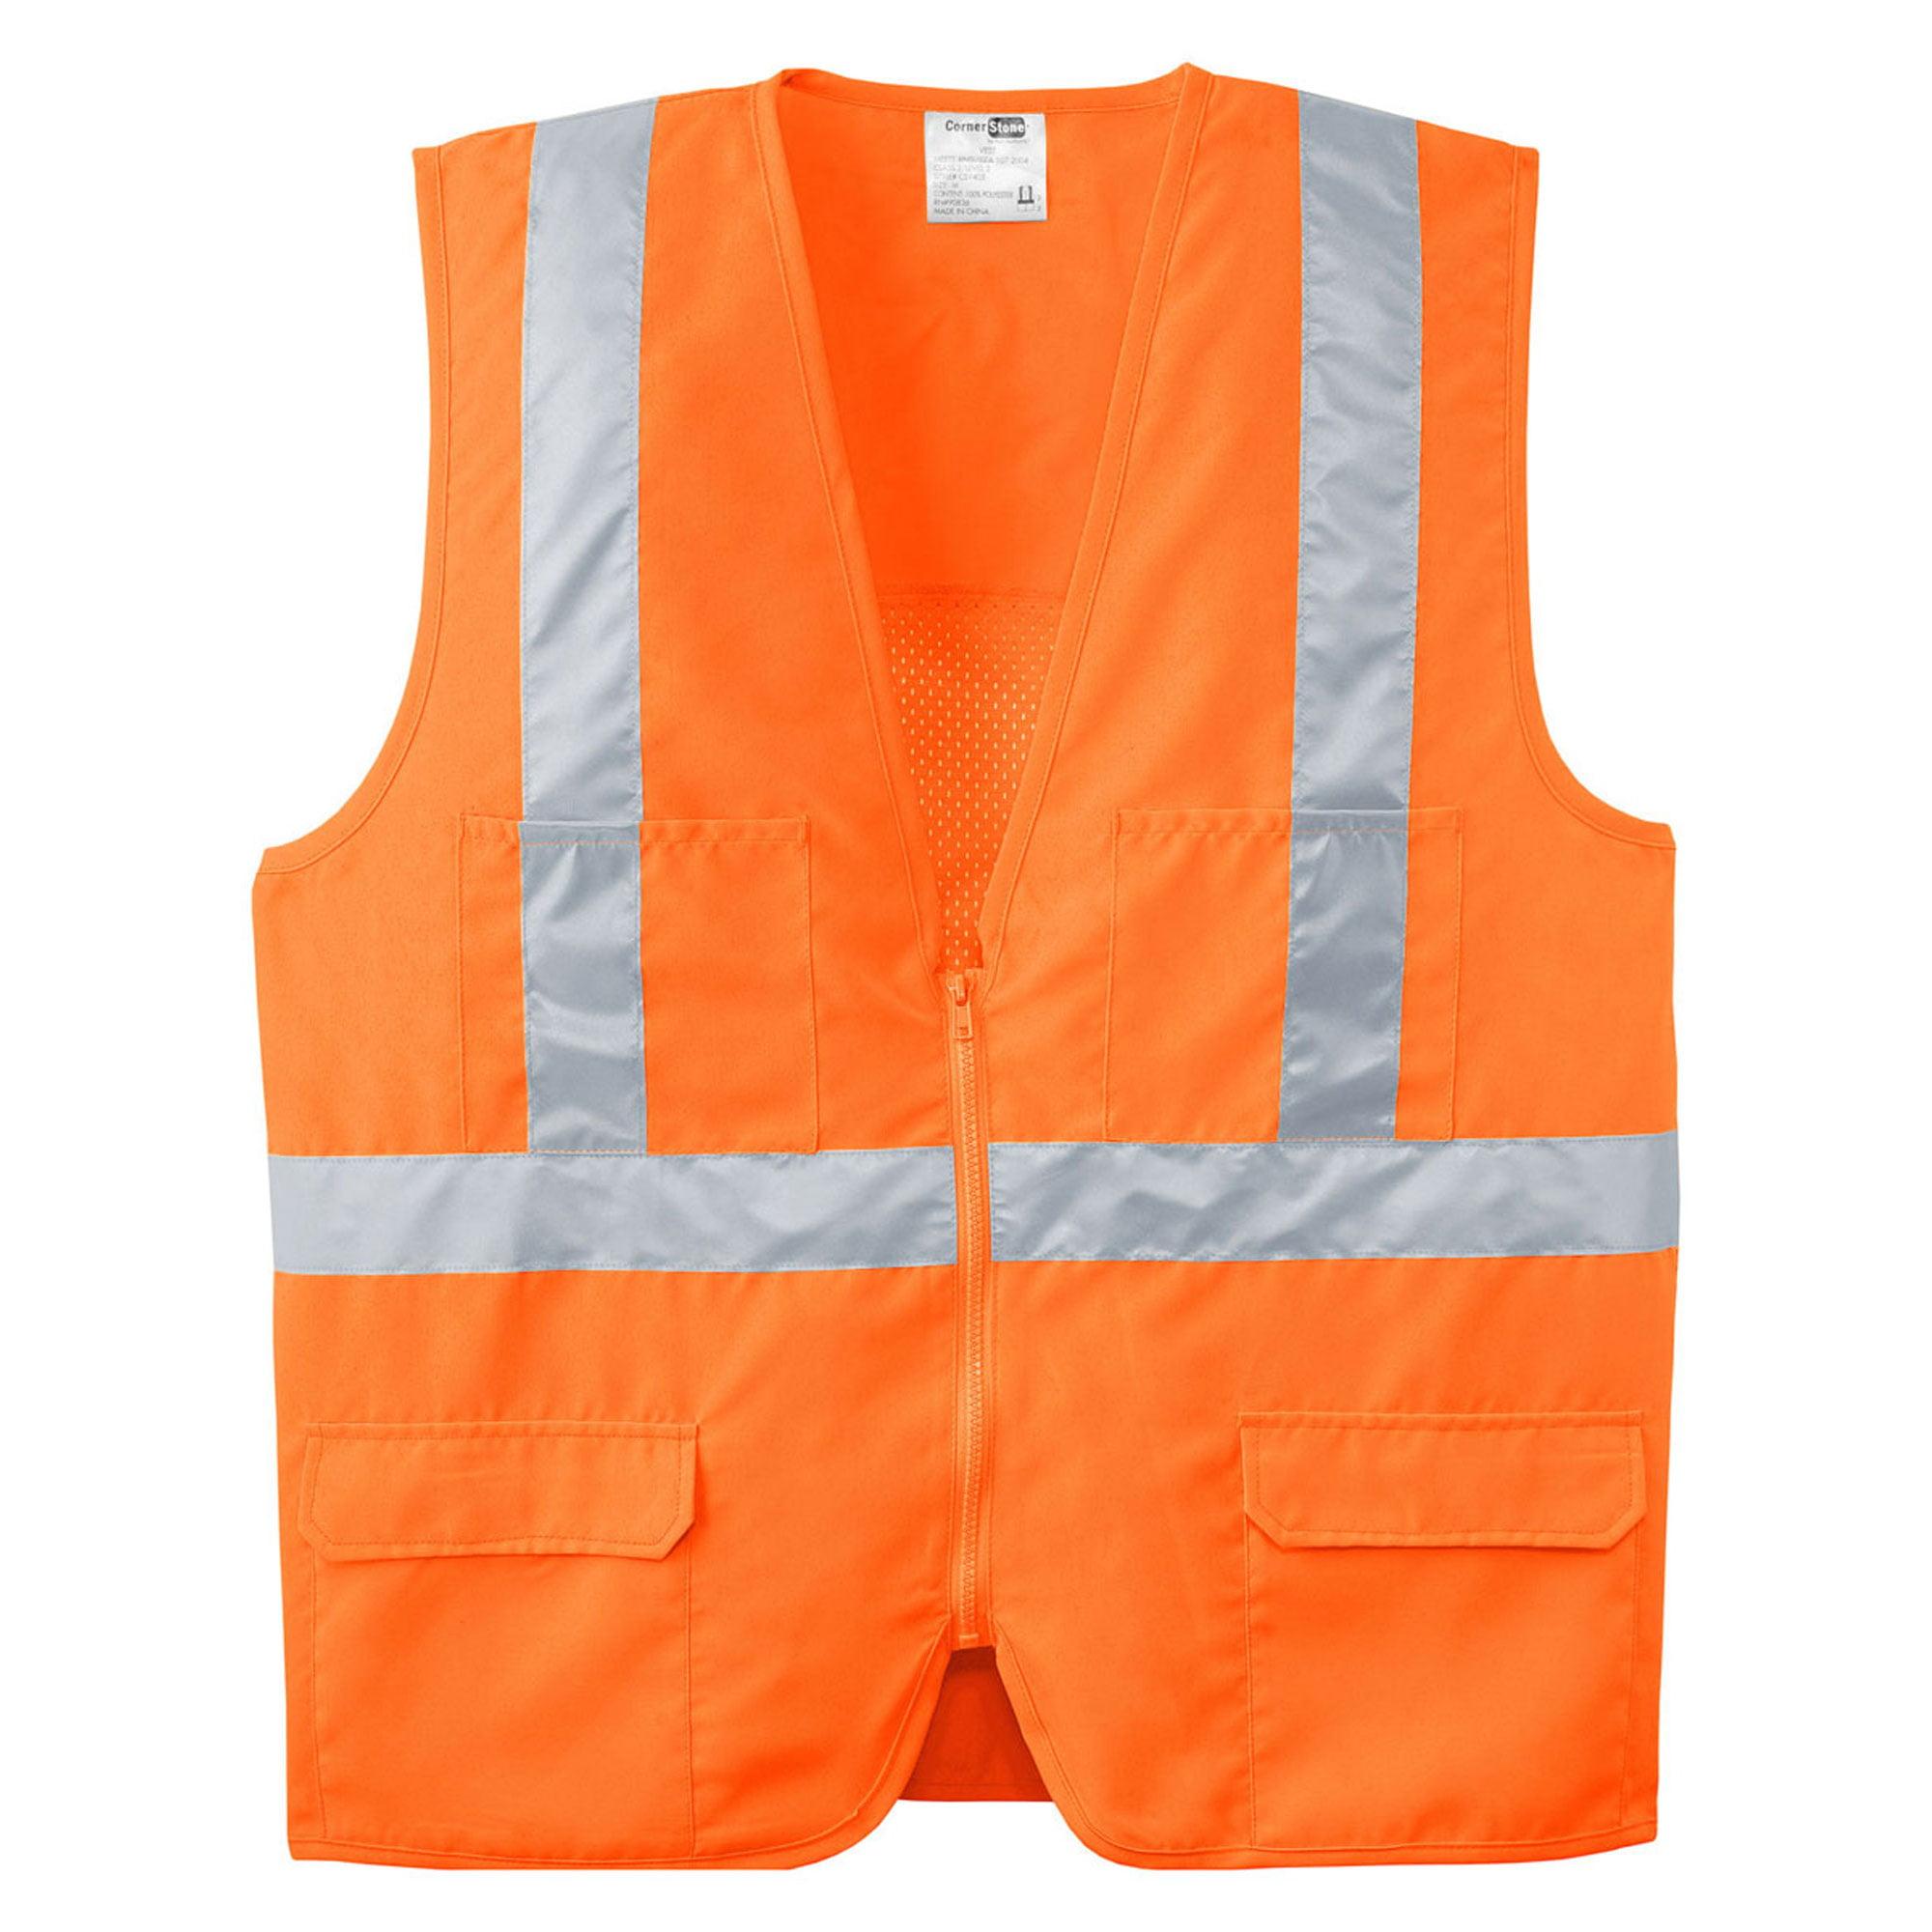 Cornerstone Men's Breathable Mesh Back Safety Vest